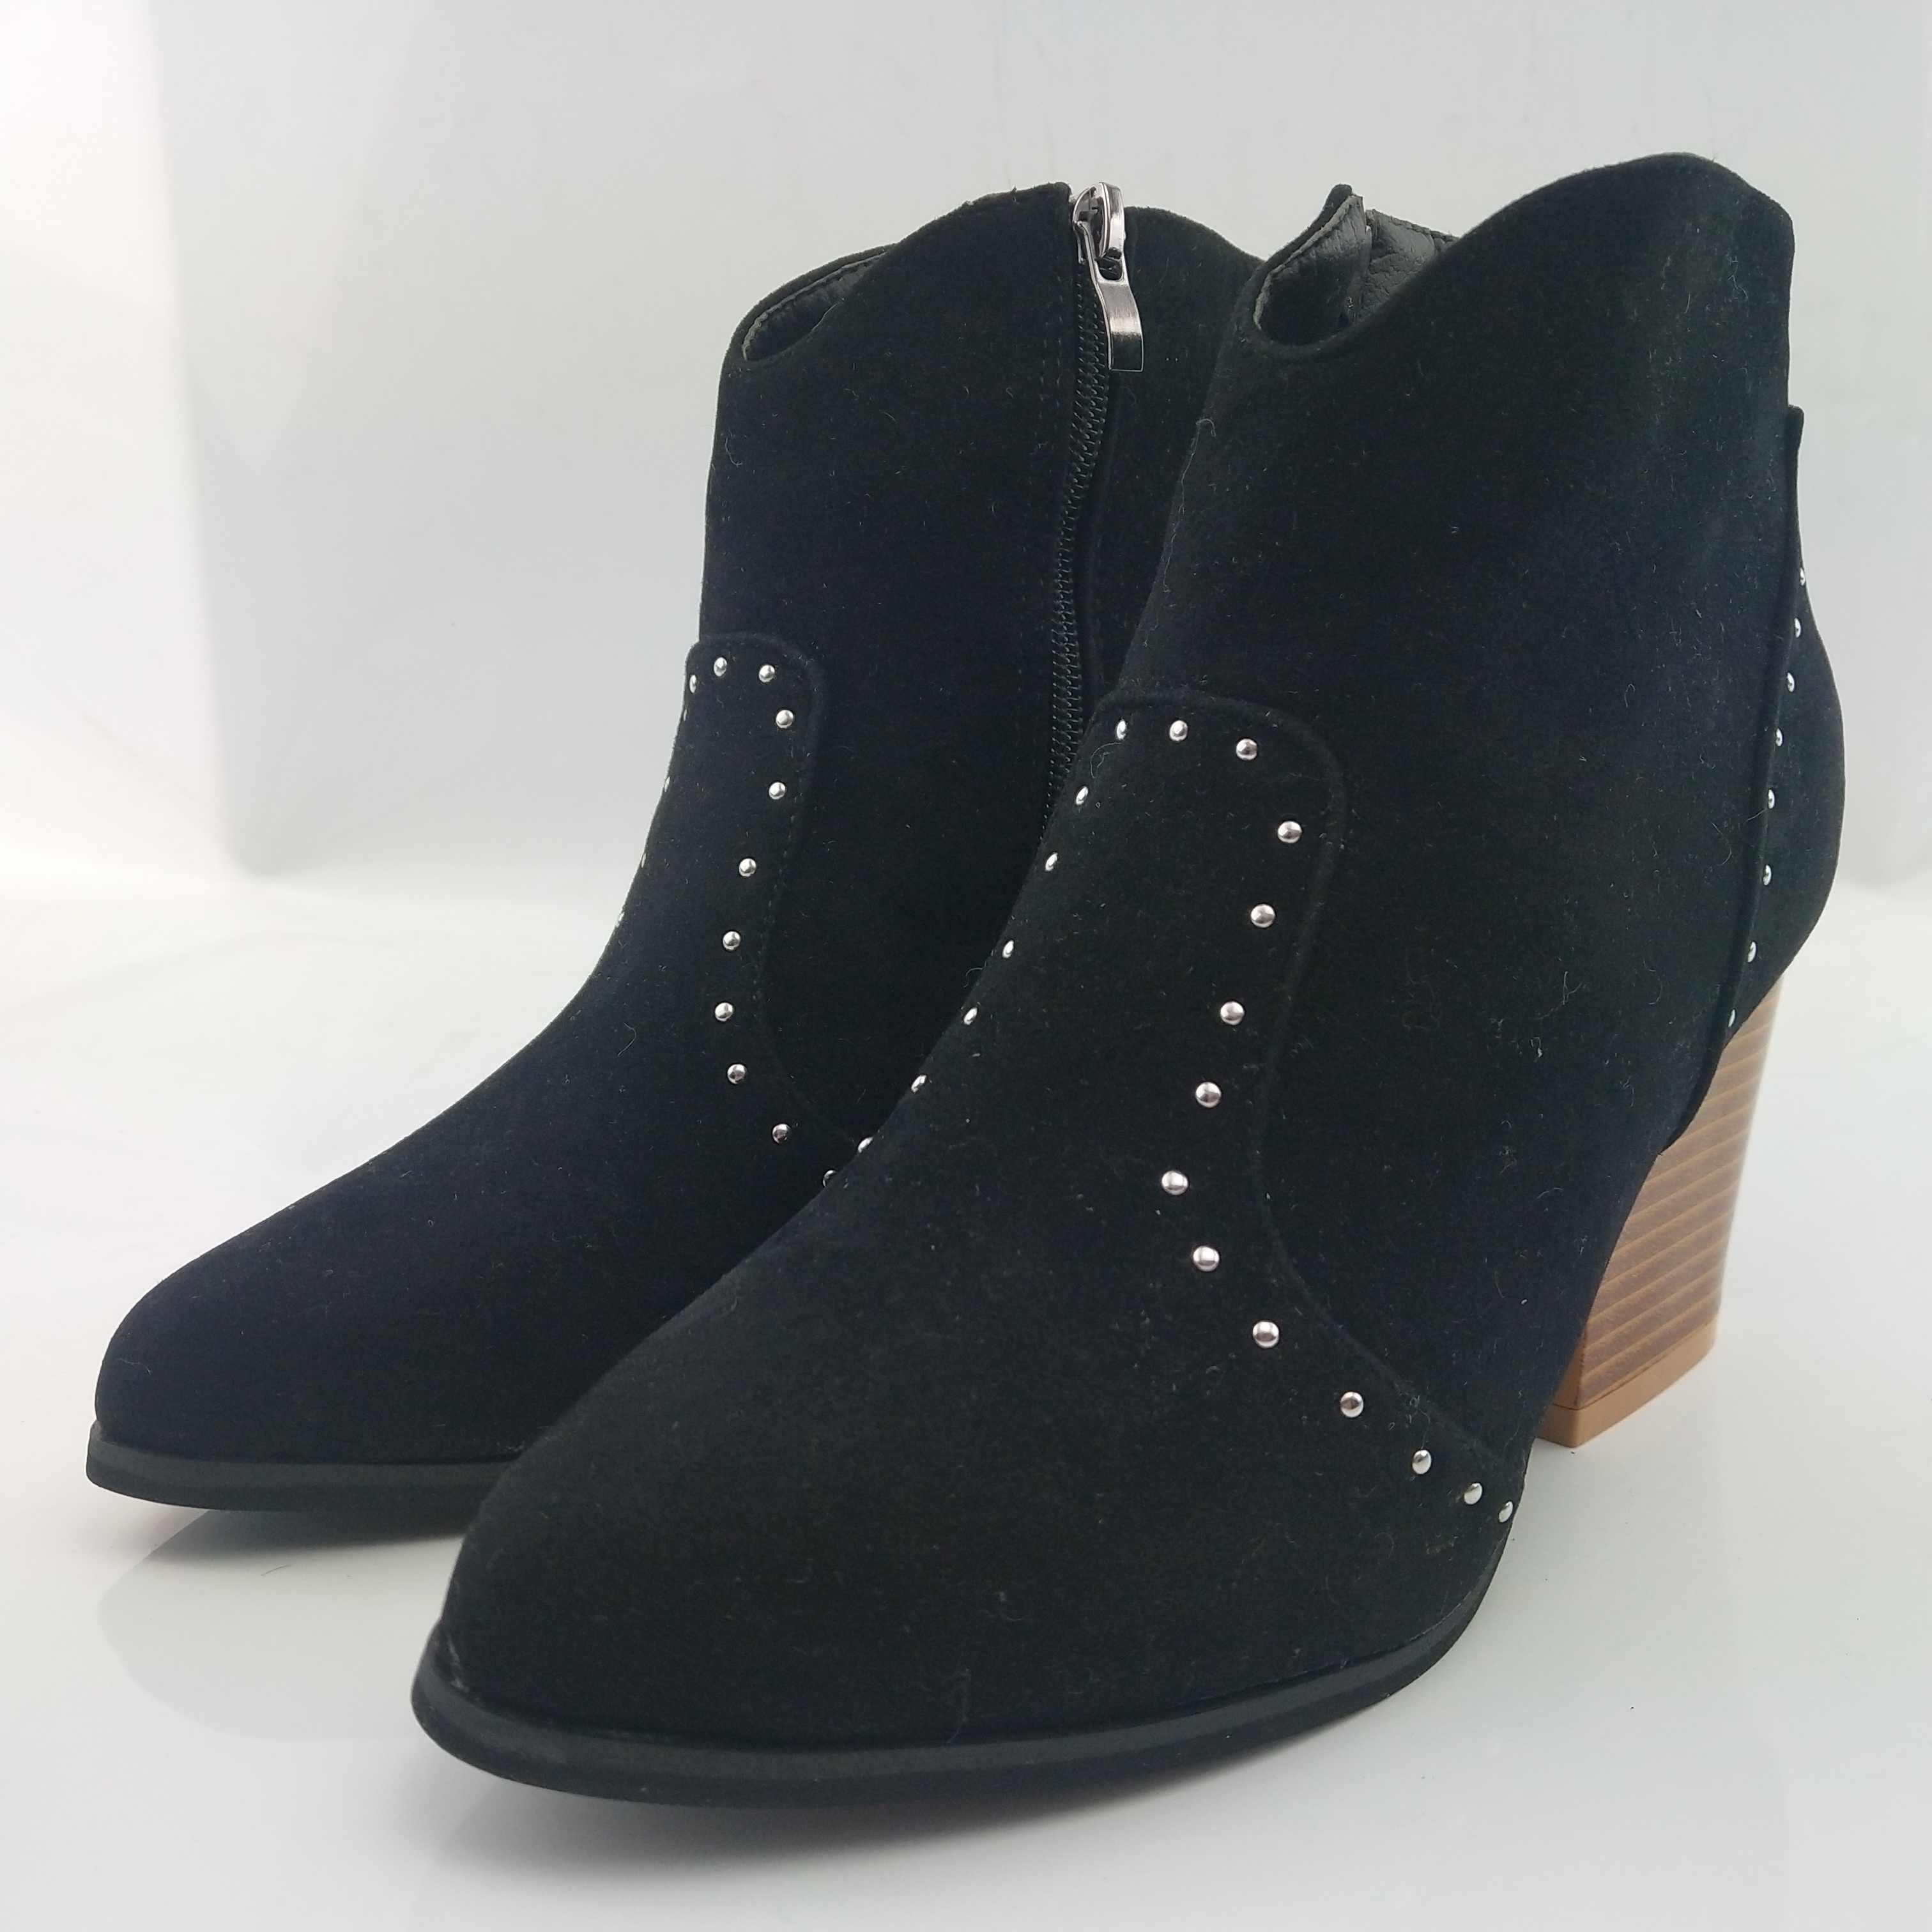 Puimentiua Rivet moto bottes femmes bottines Cowboy chaussures 2019 gothique automne boucle talons hauts fermeture éclair latérale botte courte